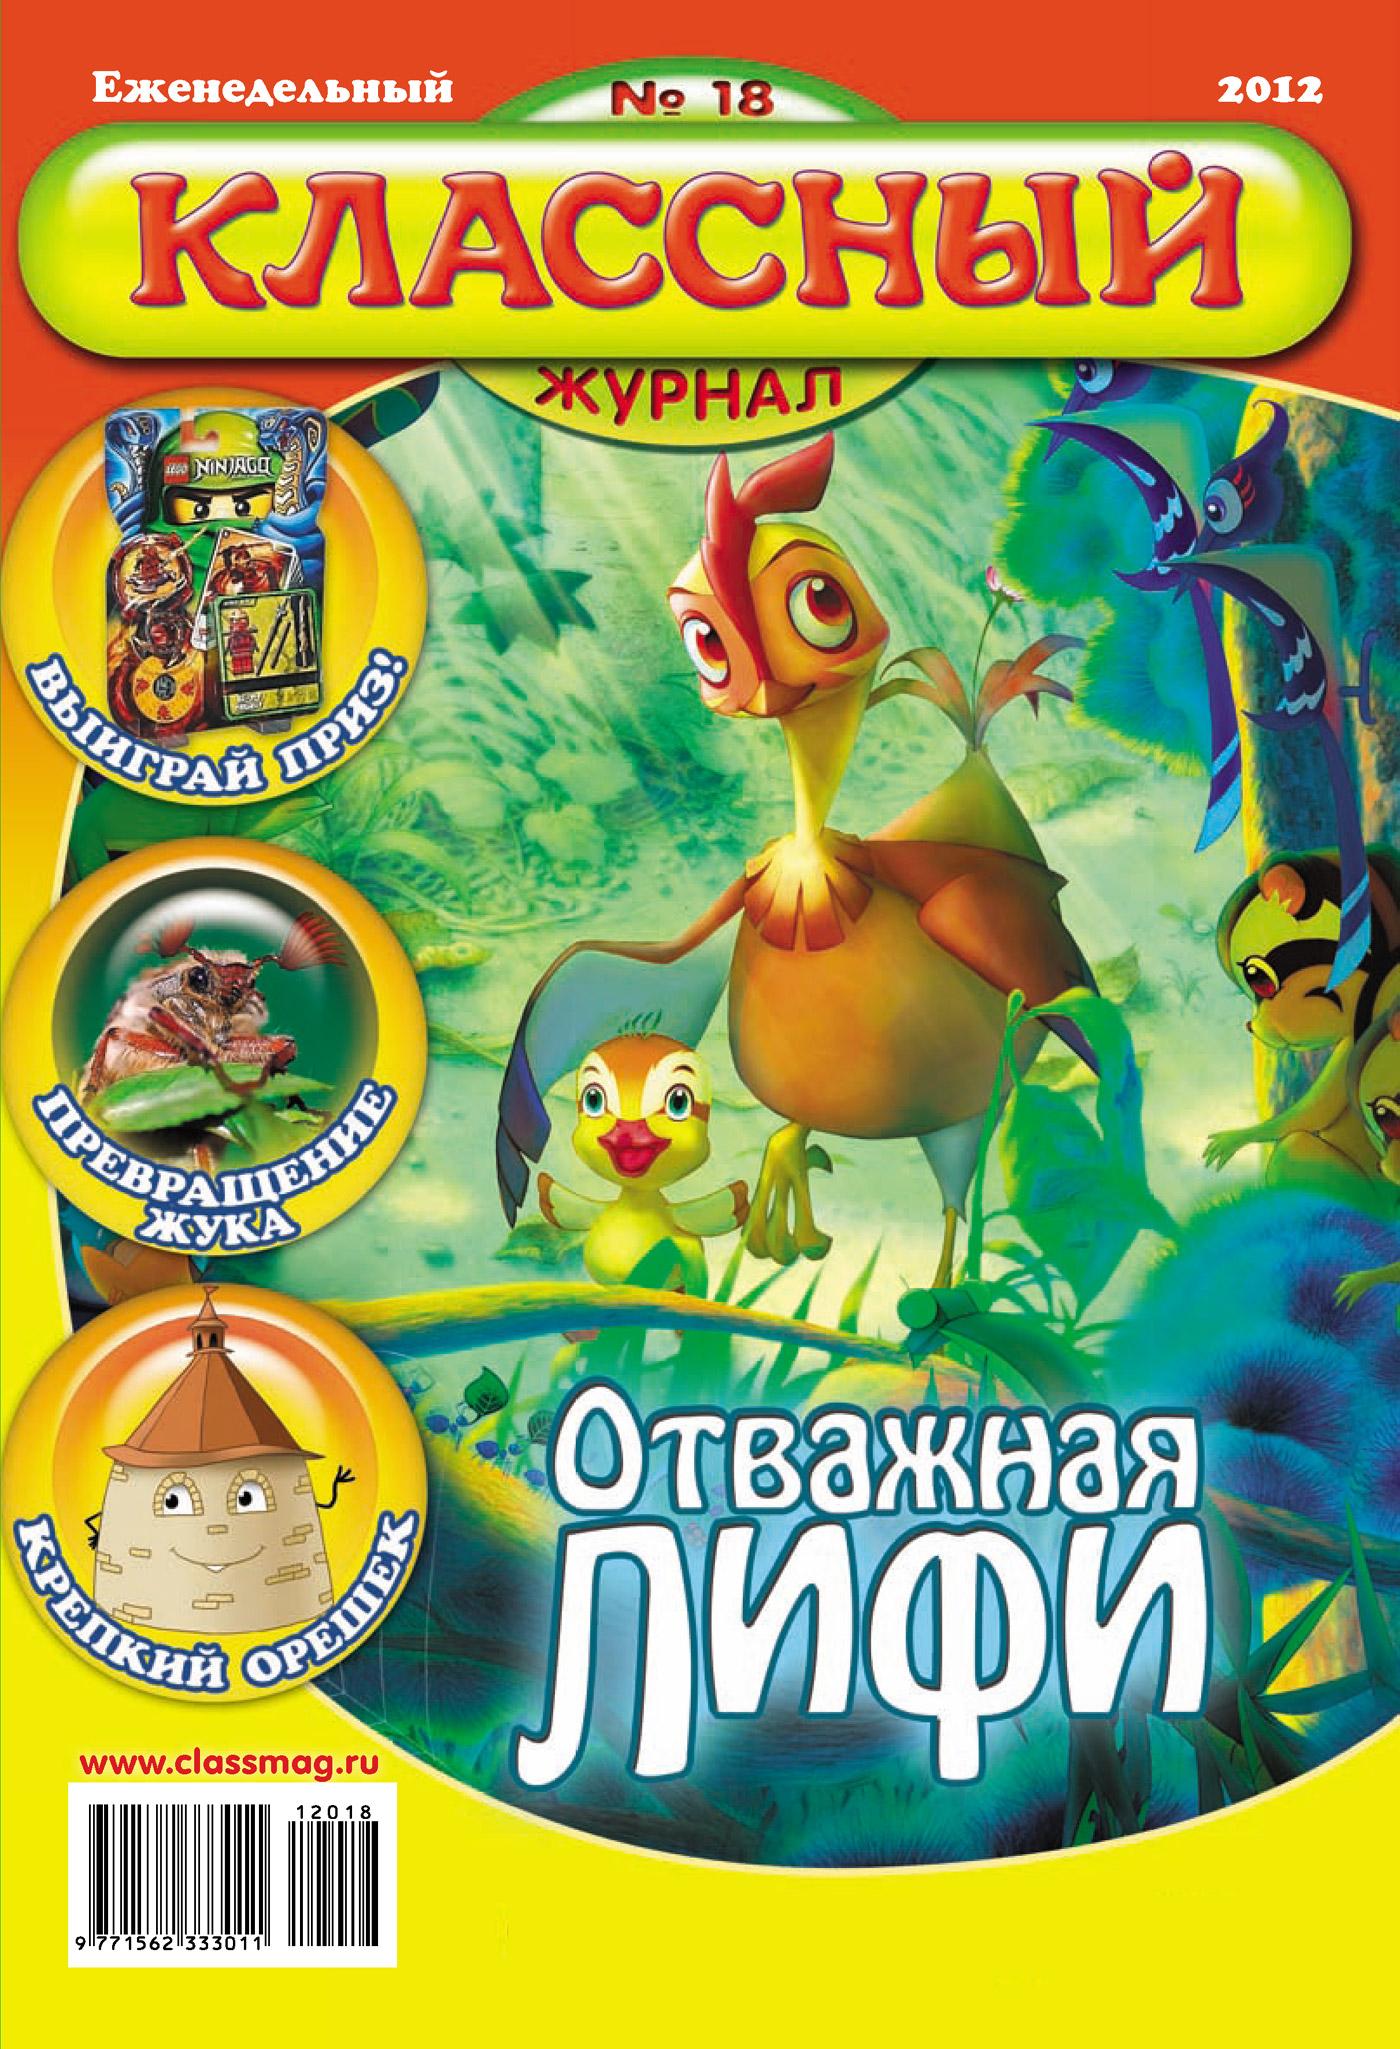 Открытые системы Классный журнал №18/2012 цены онлайн